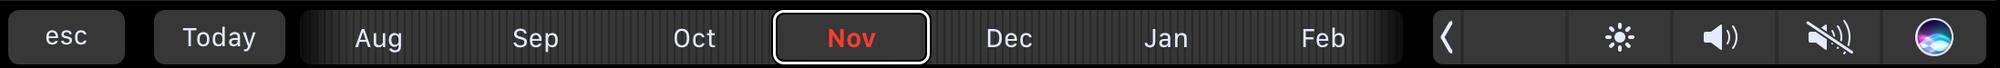 touchbar-calendar_1